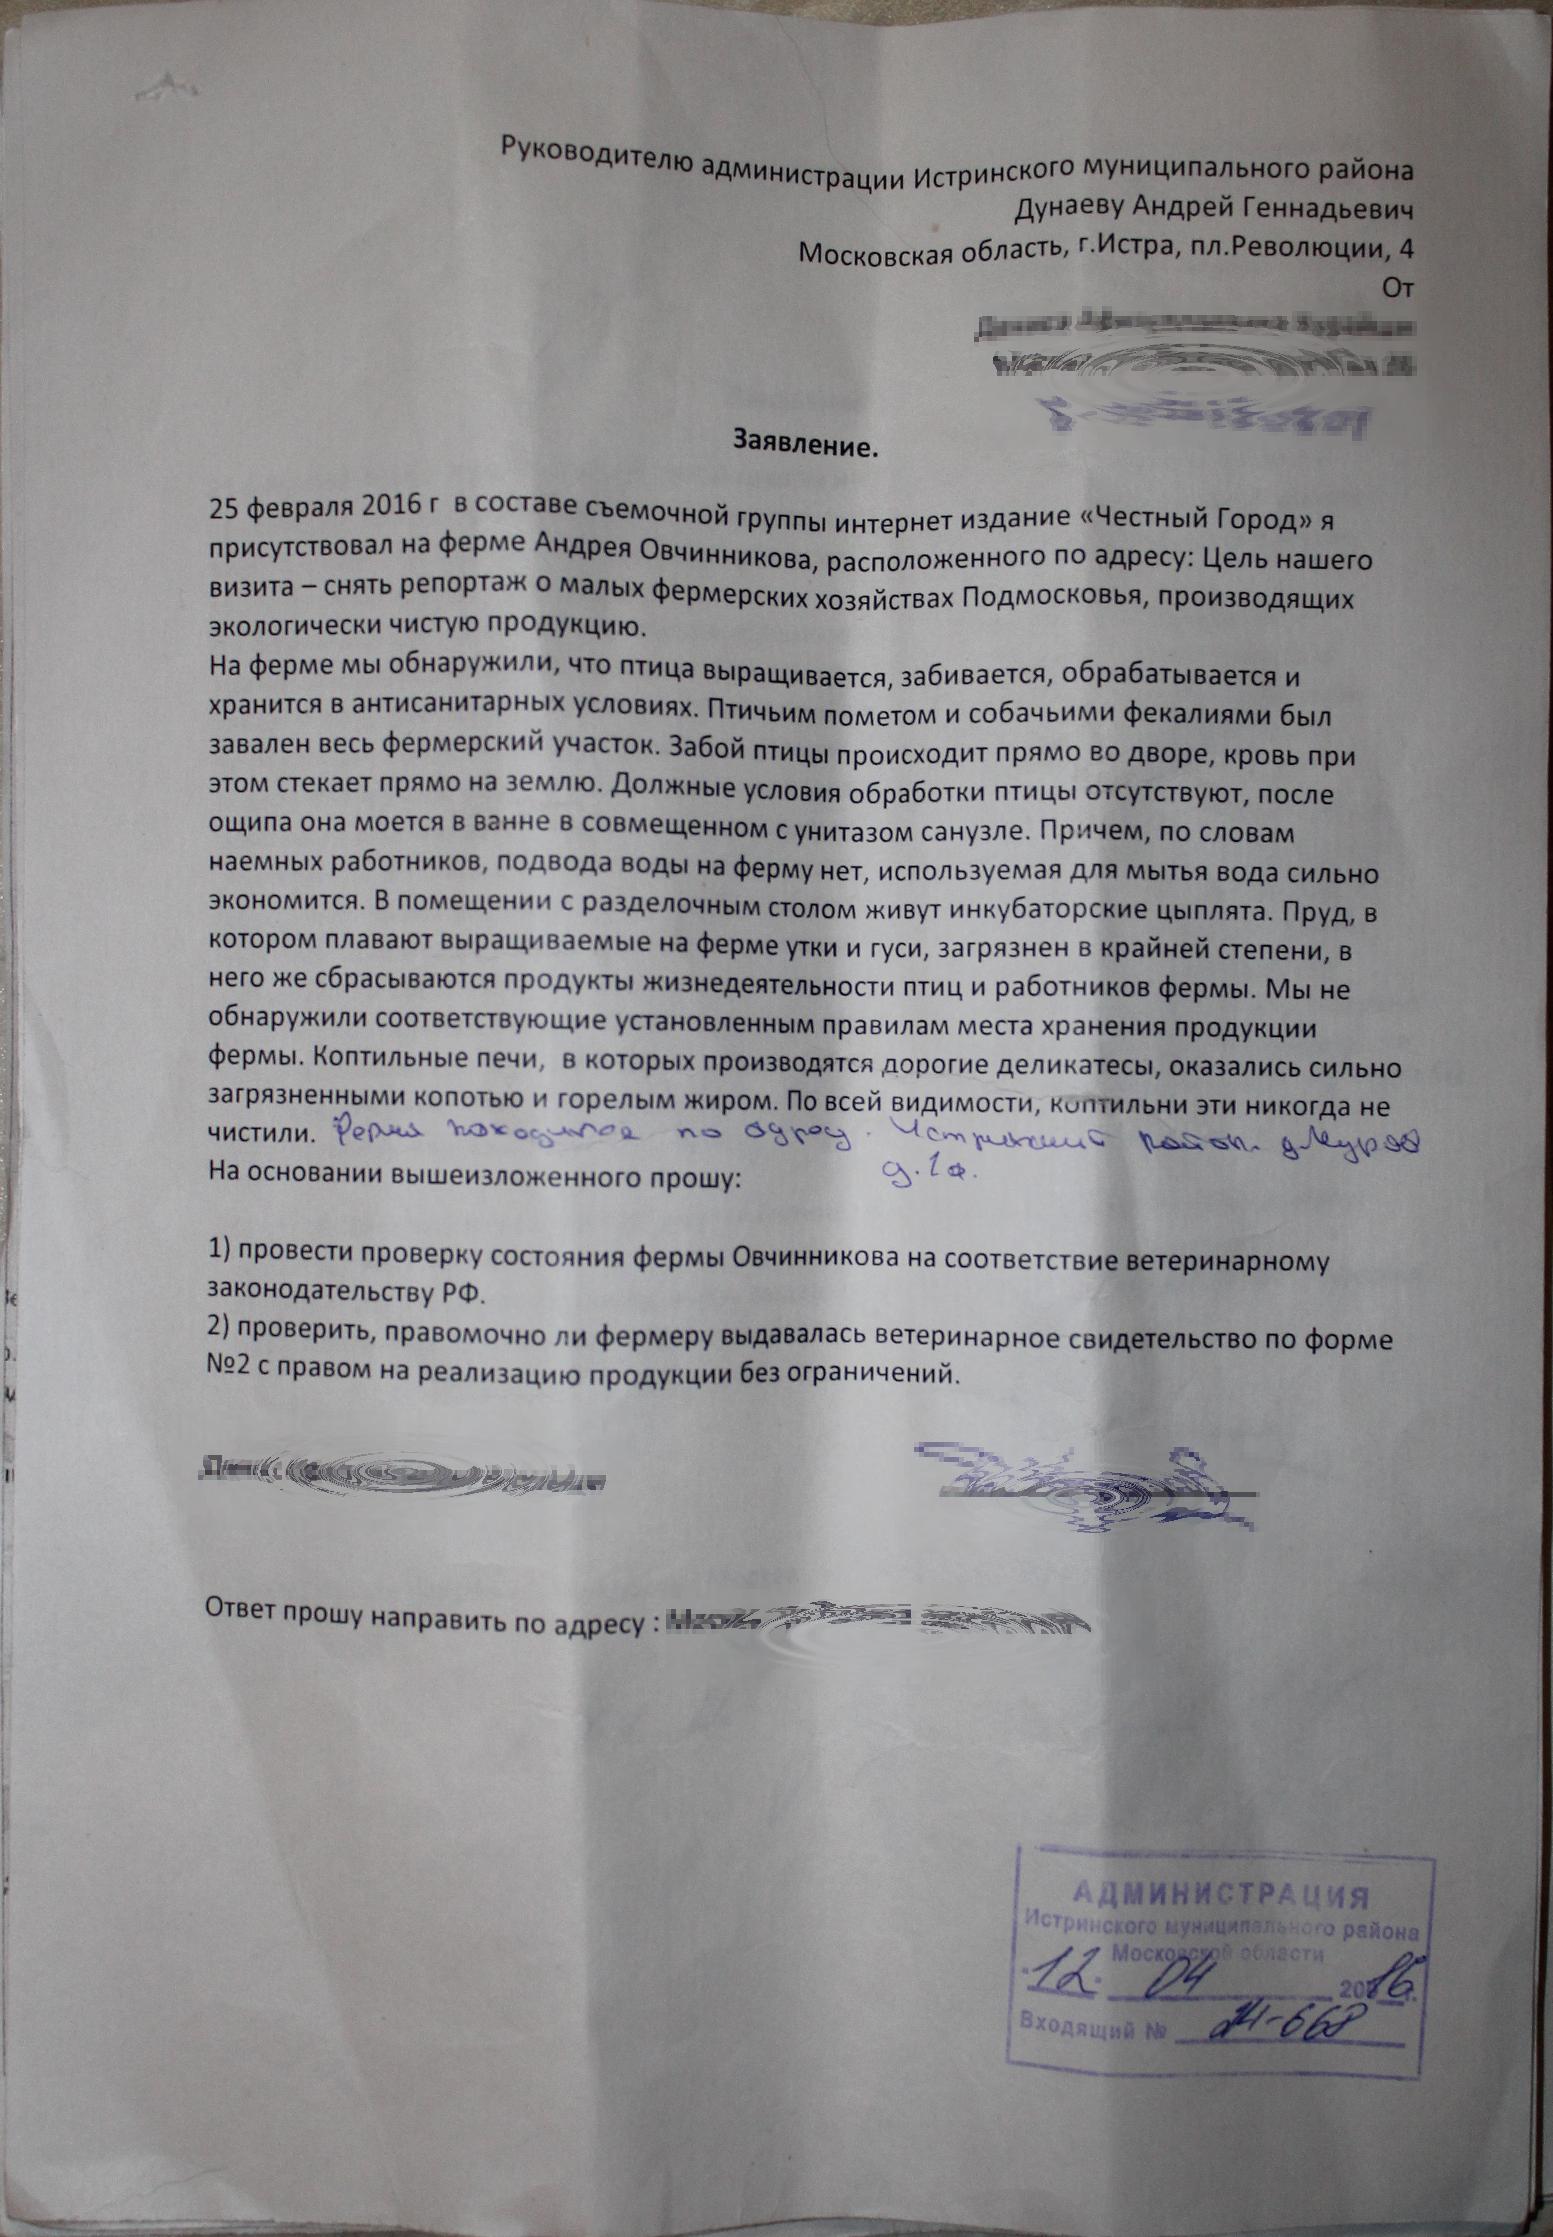 Жалоба в администрацию Истринского района